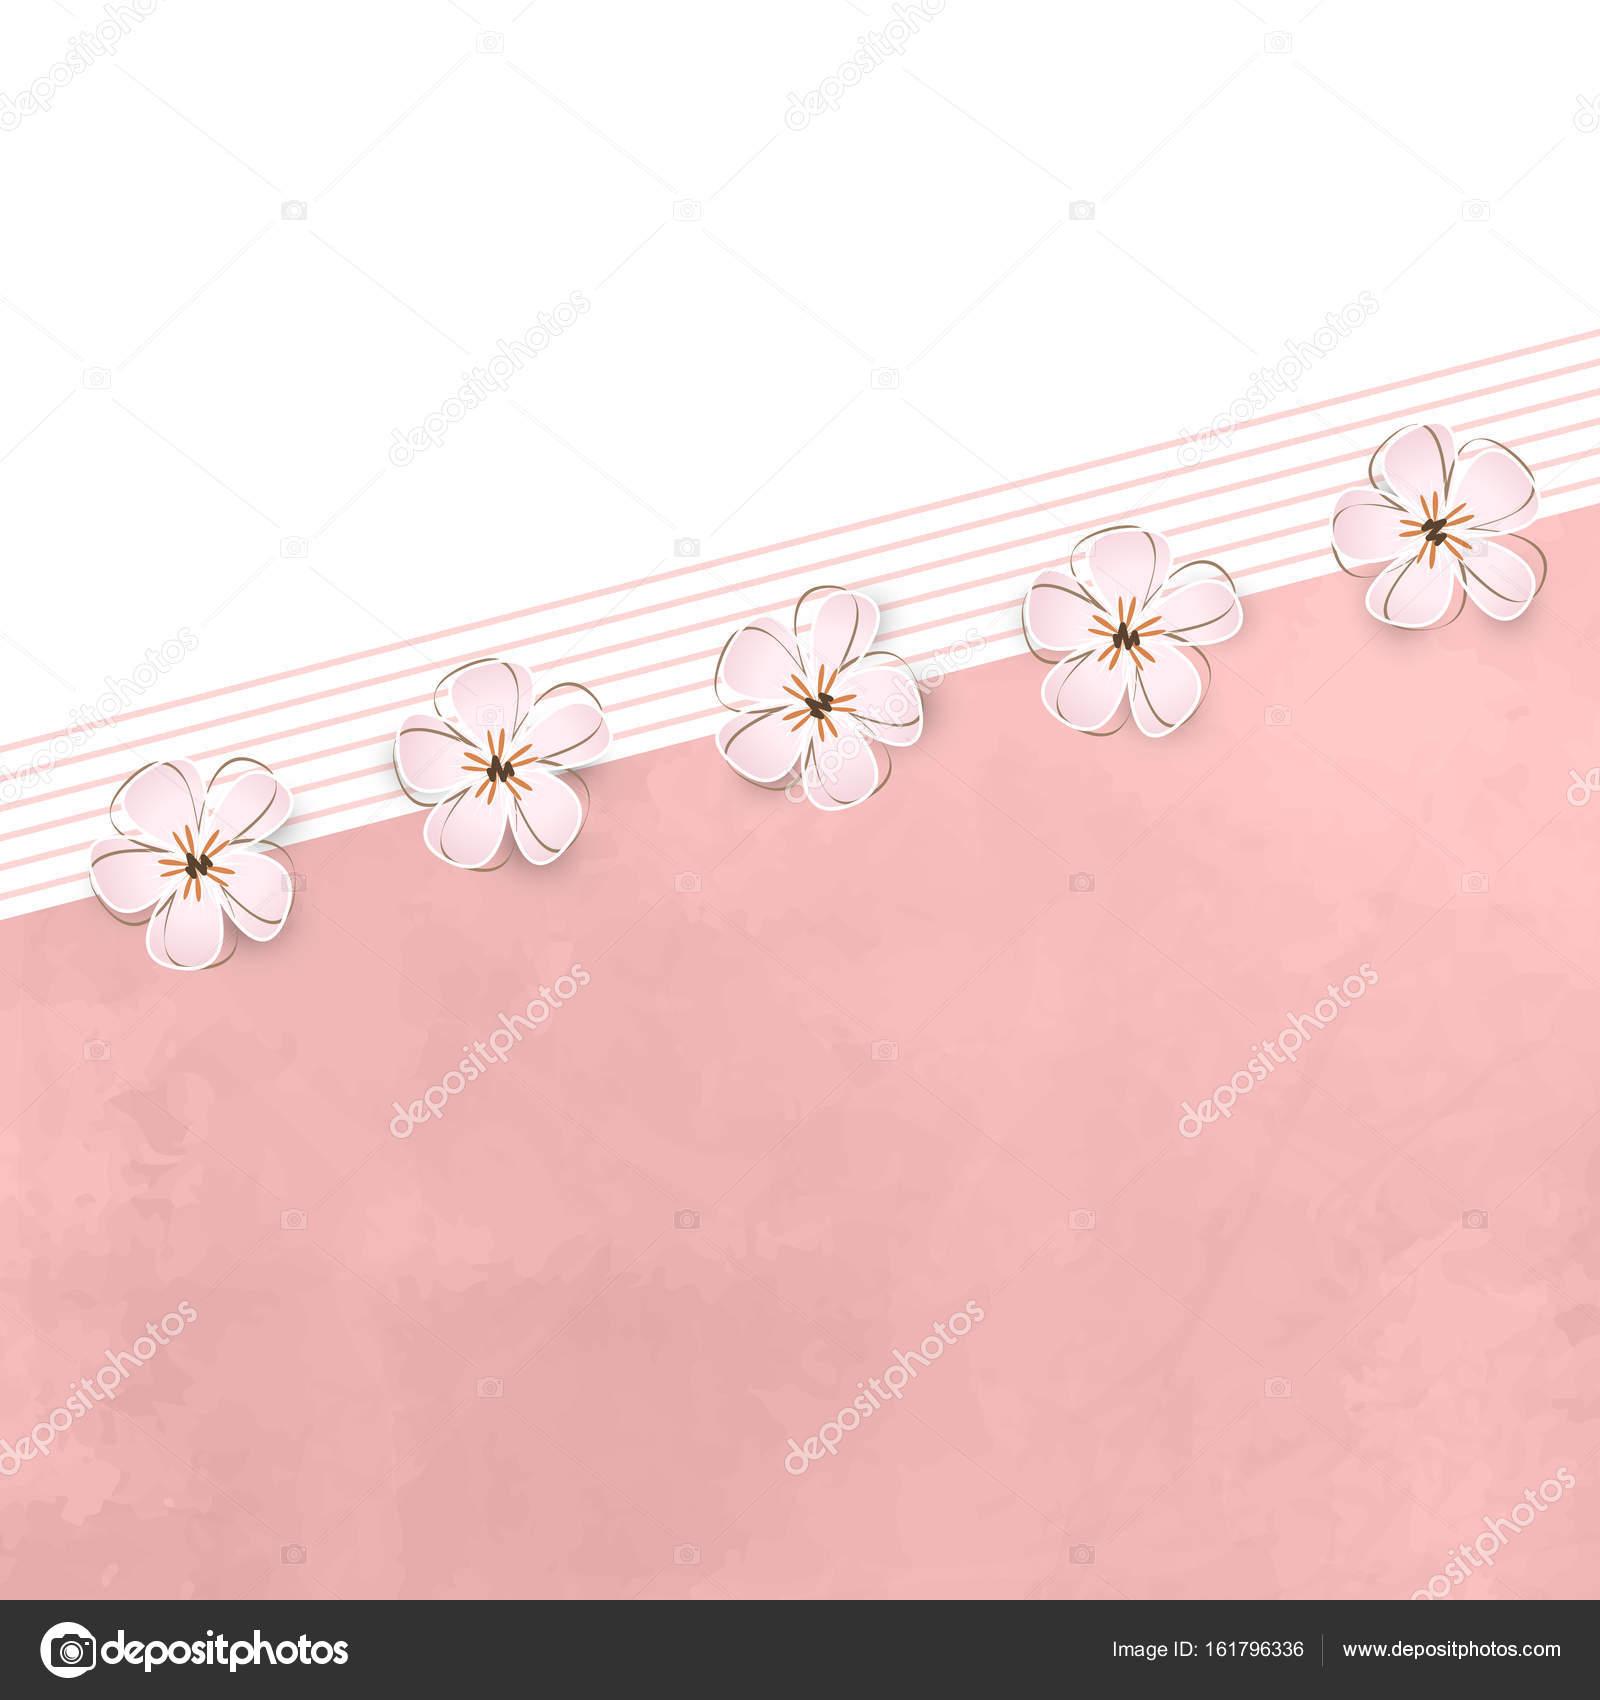 Floral Greeting Card Soft Pink Flower Border Frame Background